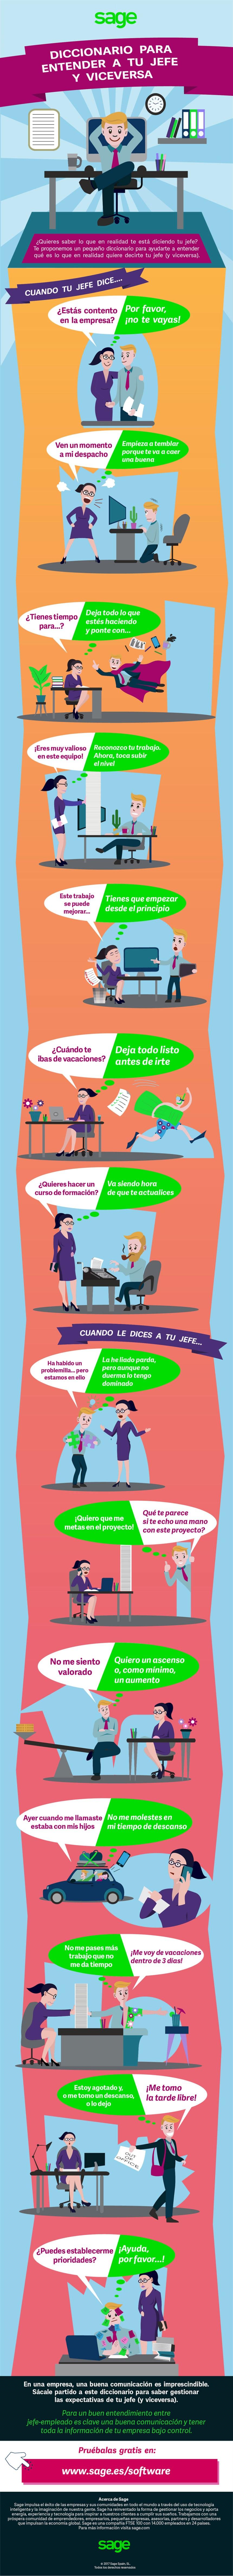 Diccionario para entender a tu jefe (y viceversa)